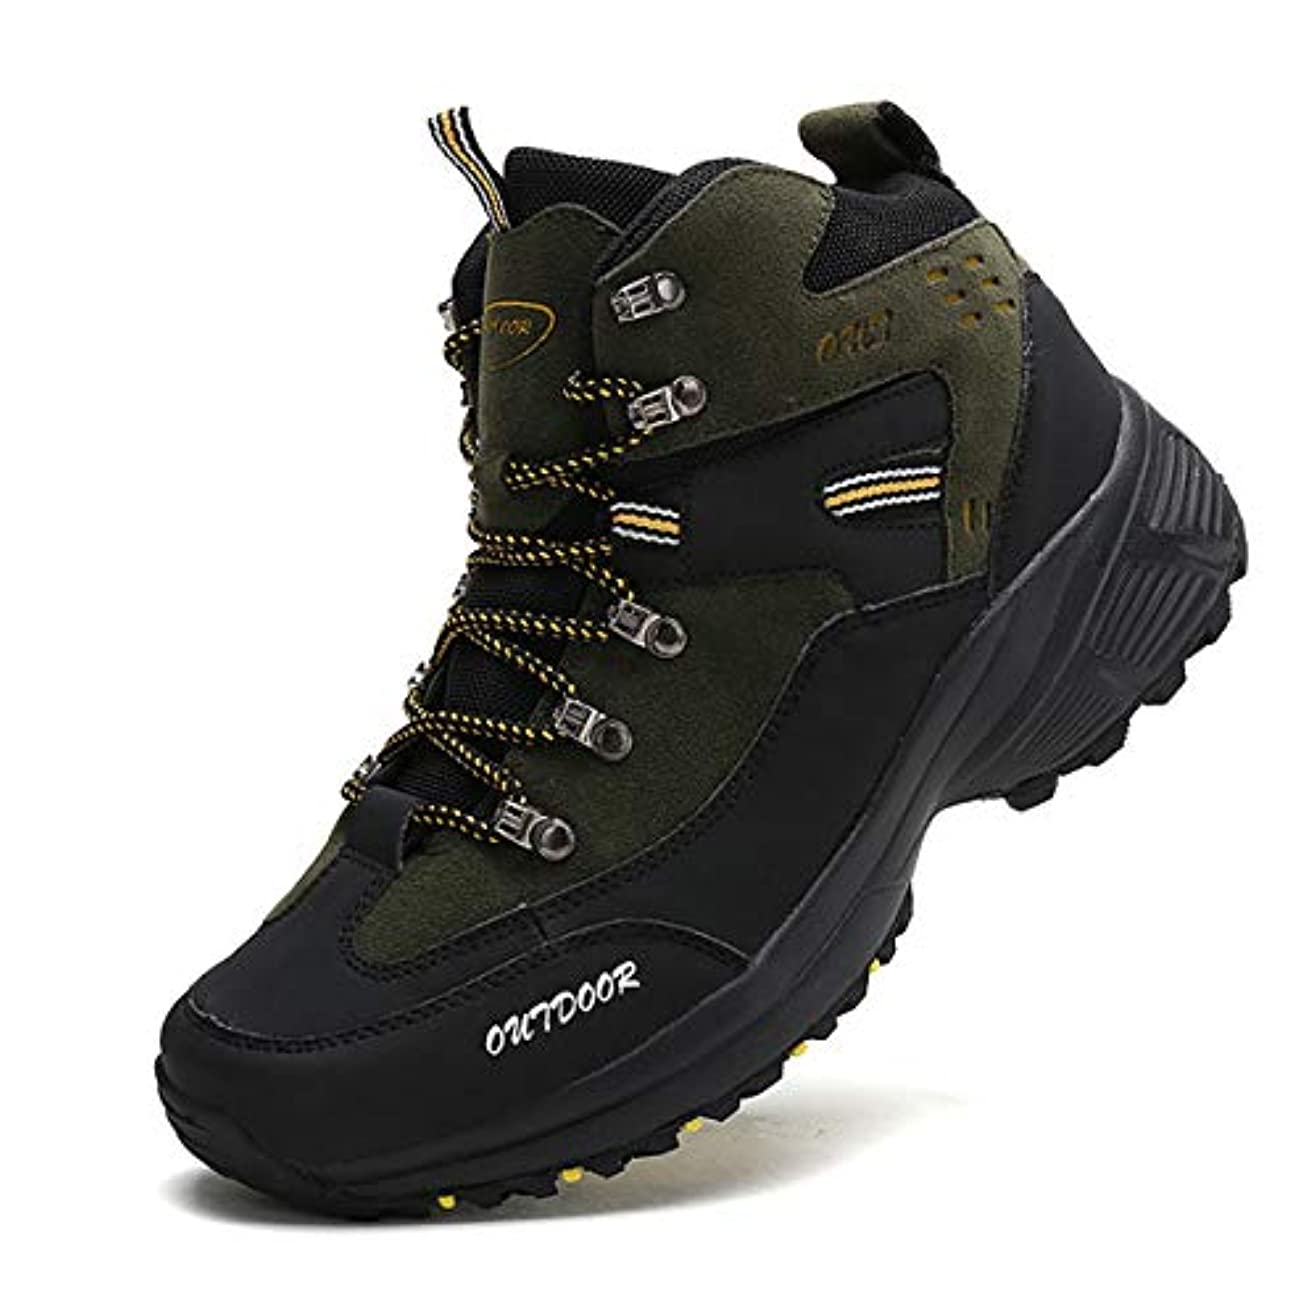 失業者店主刈る[RDGO] メンズ ハイキングシューズ トレッキングブーツ 登山靴 アウトドアシューズ 防滑 牛革 ローカット ウォーキングシューズ 防水 大きいサイズ 幅広 スニーカー